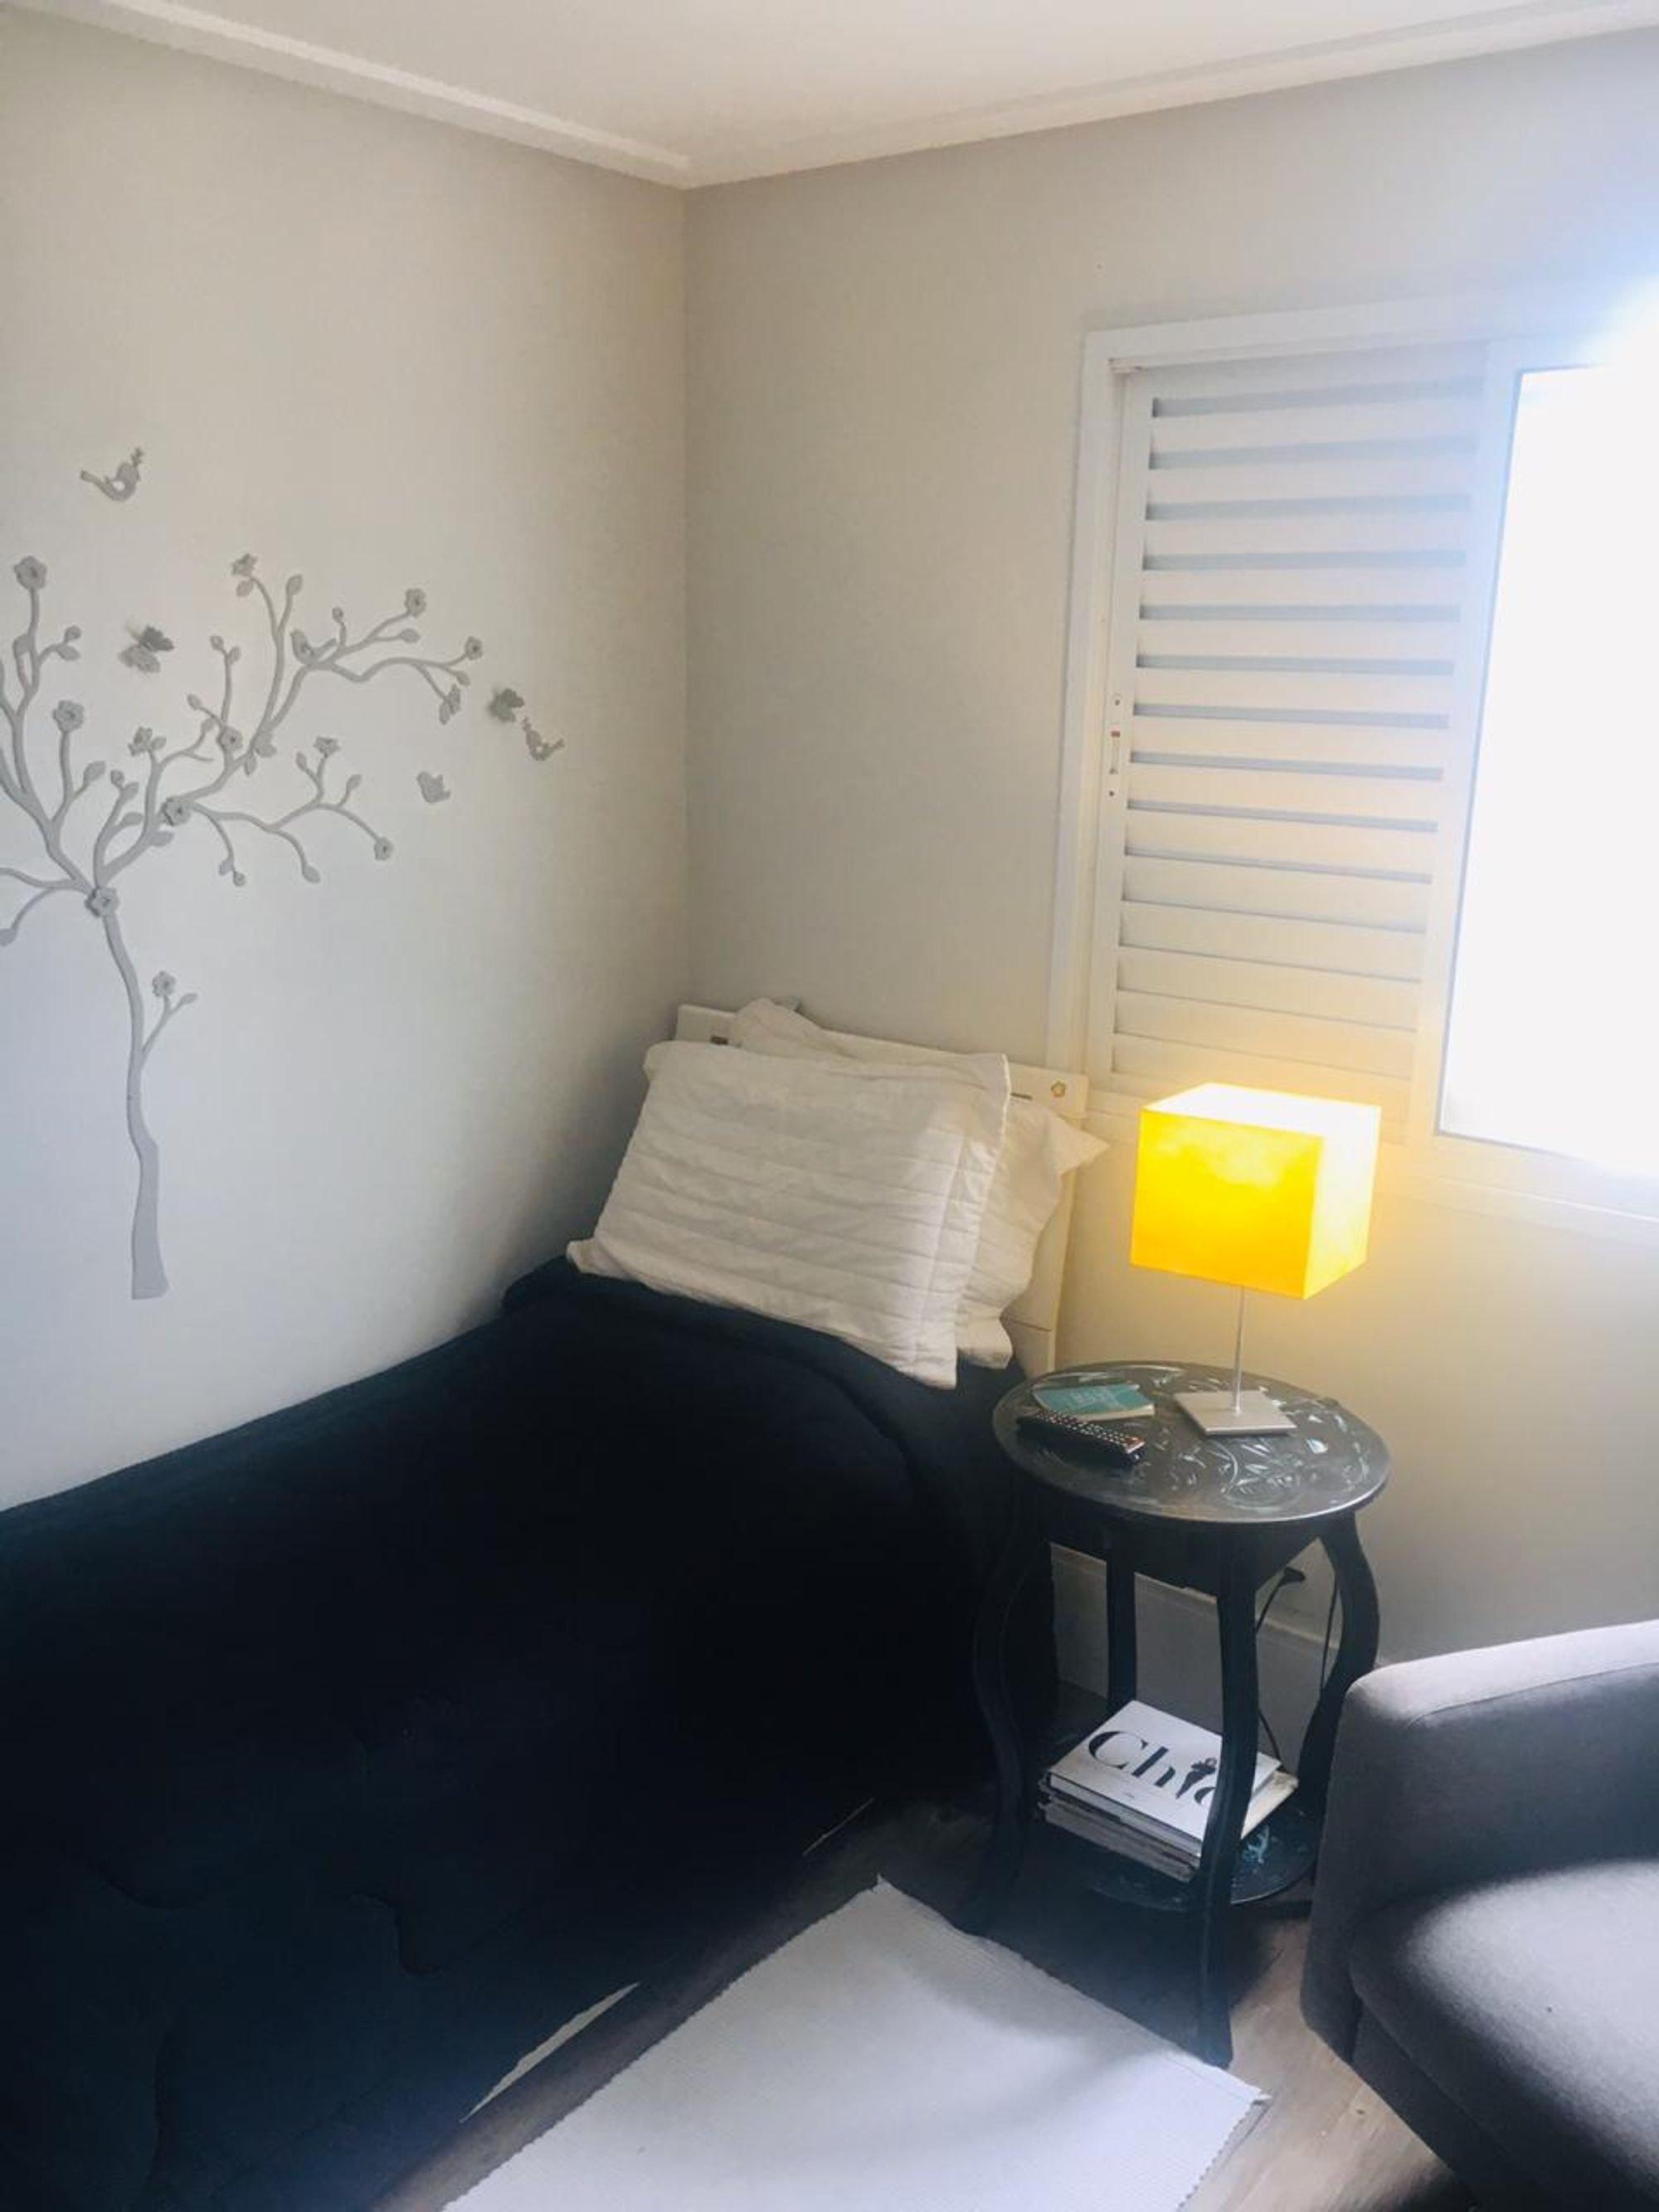 Foto de Sala com cama, sofá